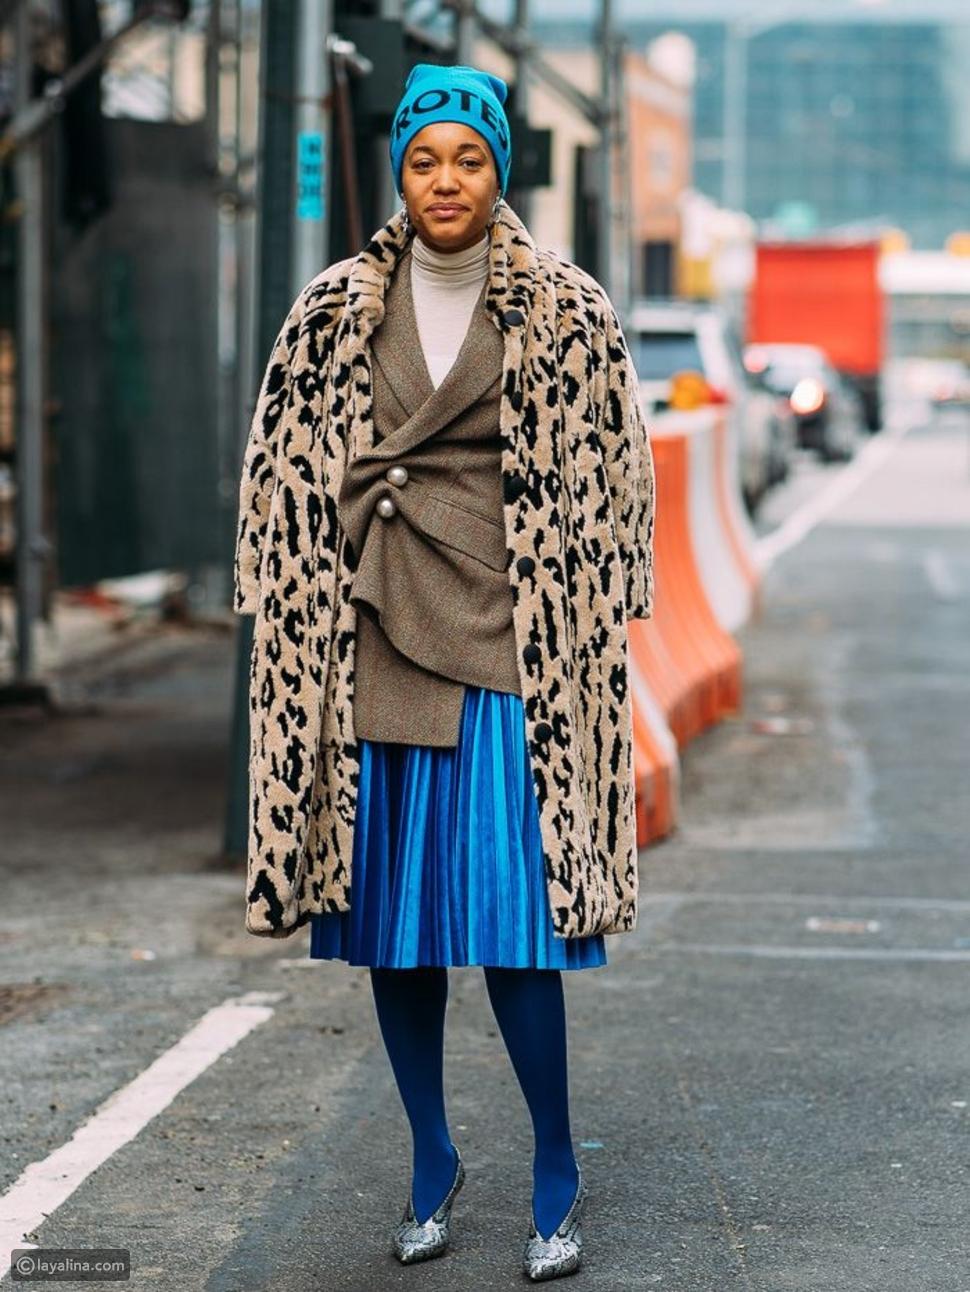 جوارب باللون الأزرق